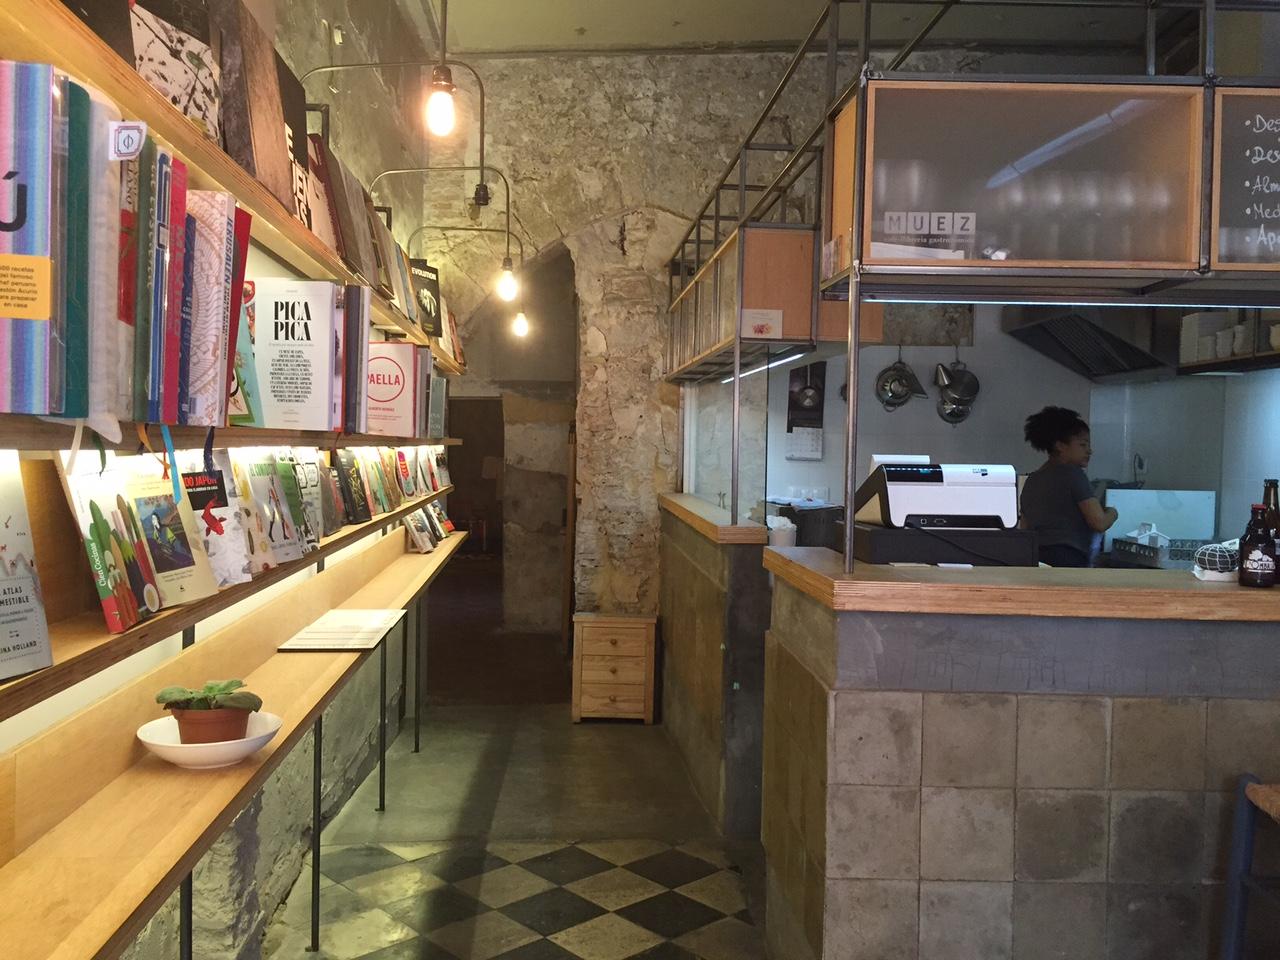 Muez es un café librería gastronómica ubicado muy cerca del Mercado Central de Valencia